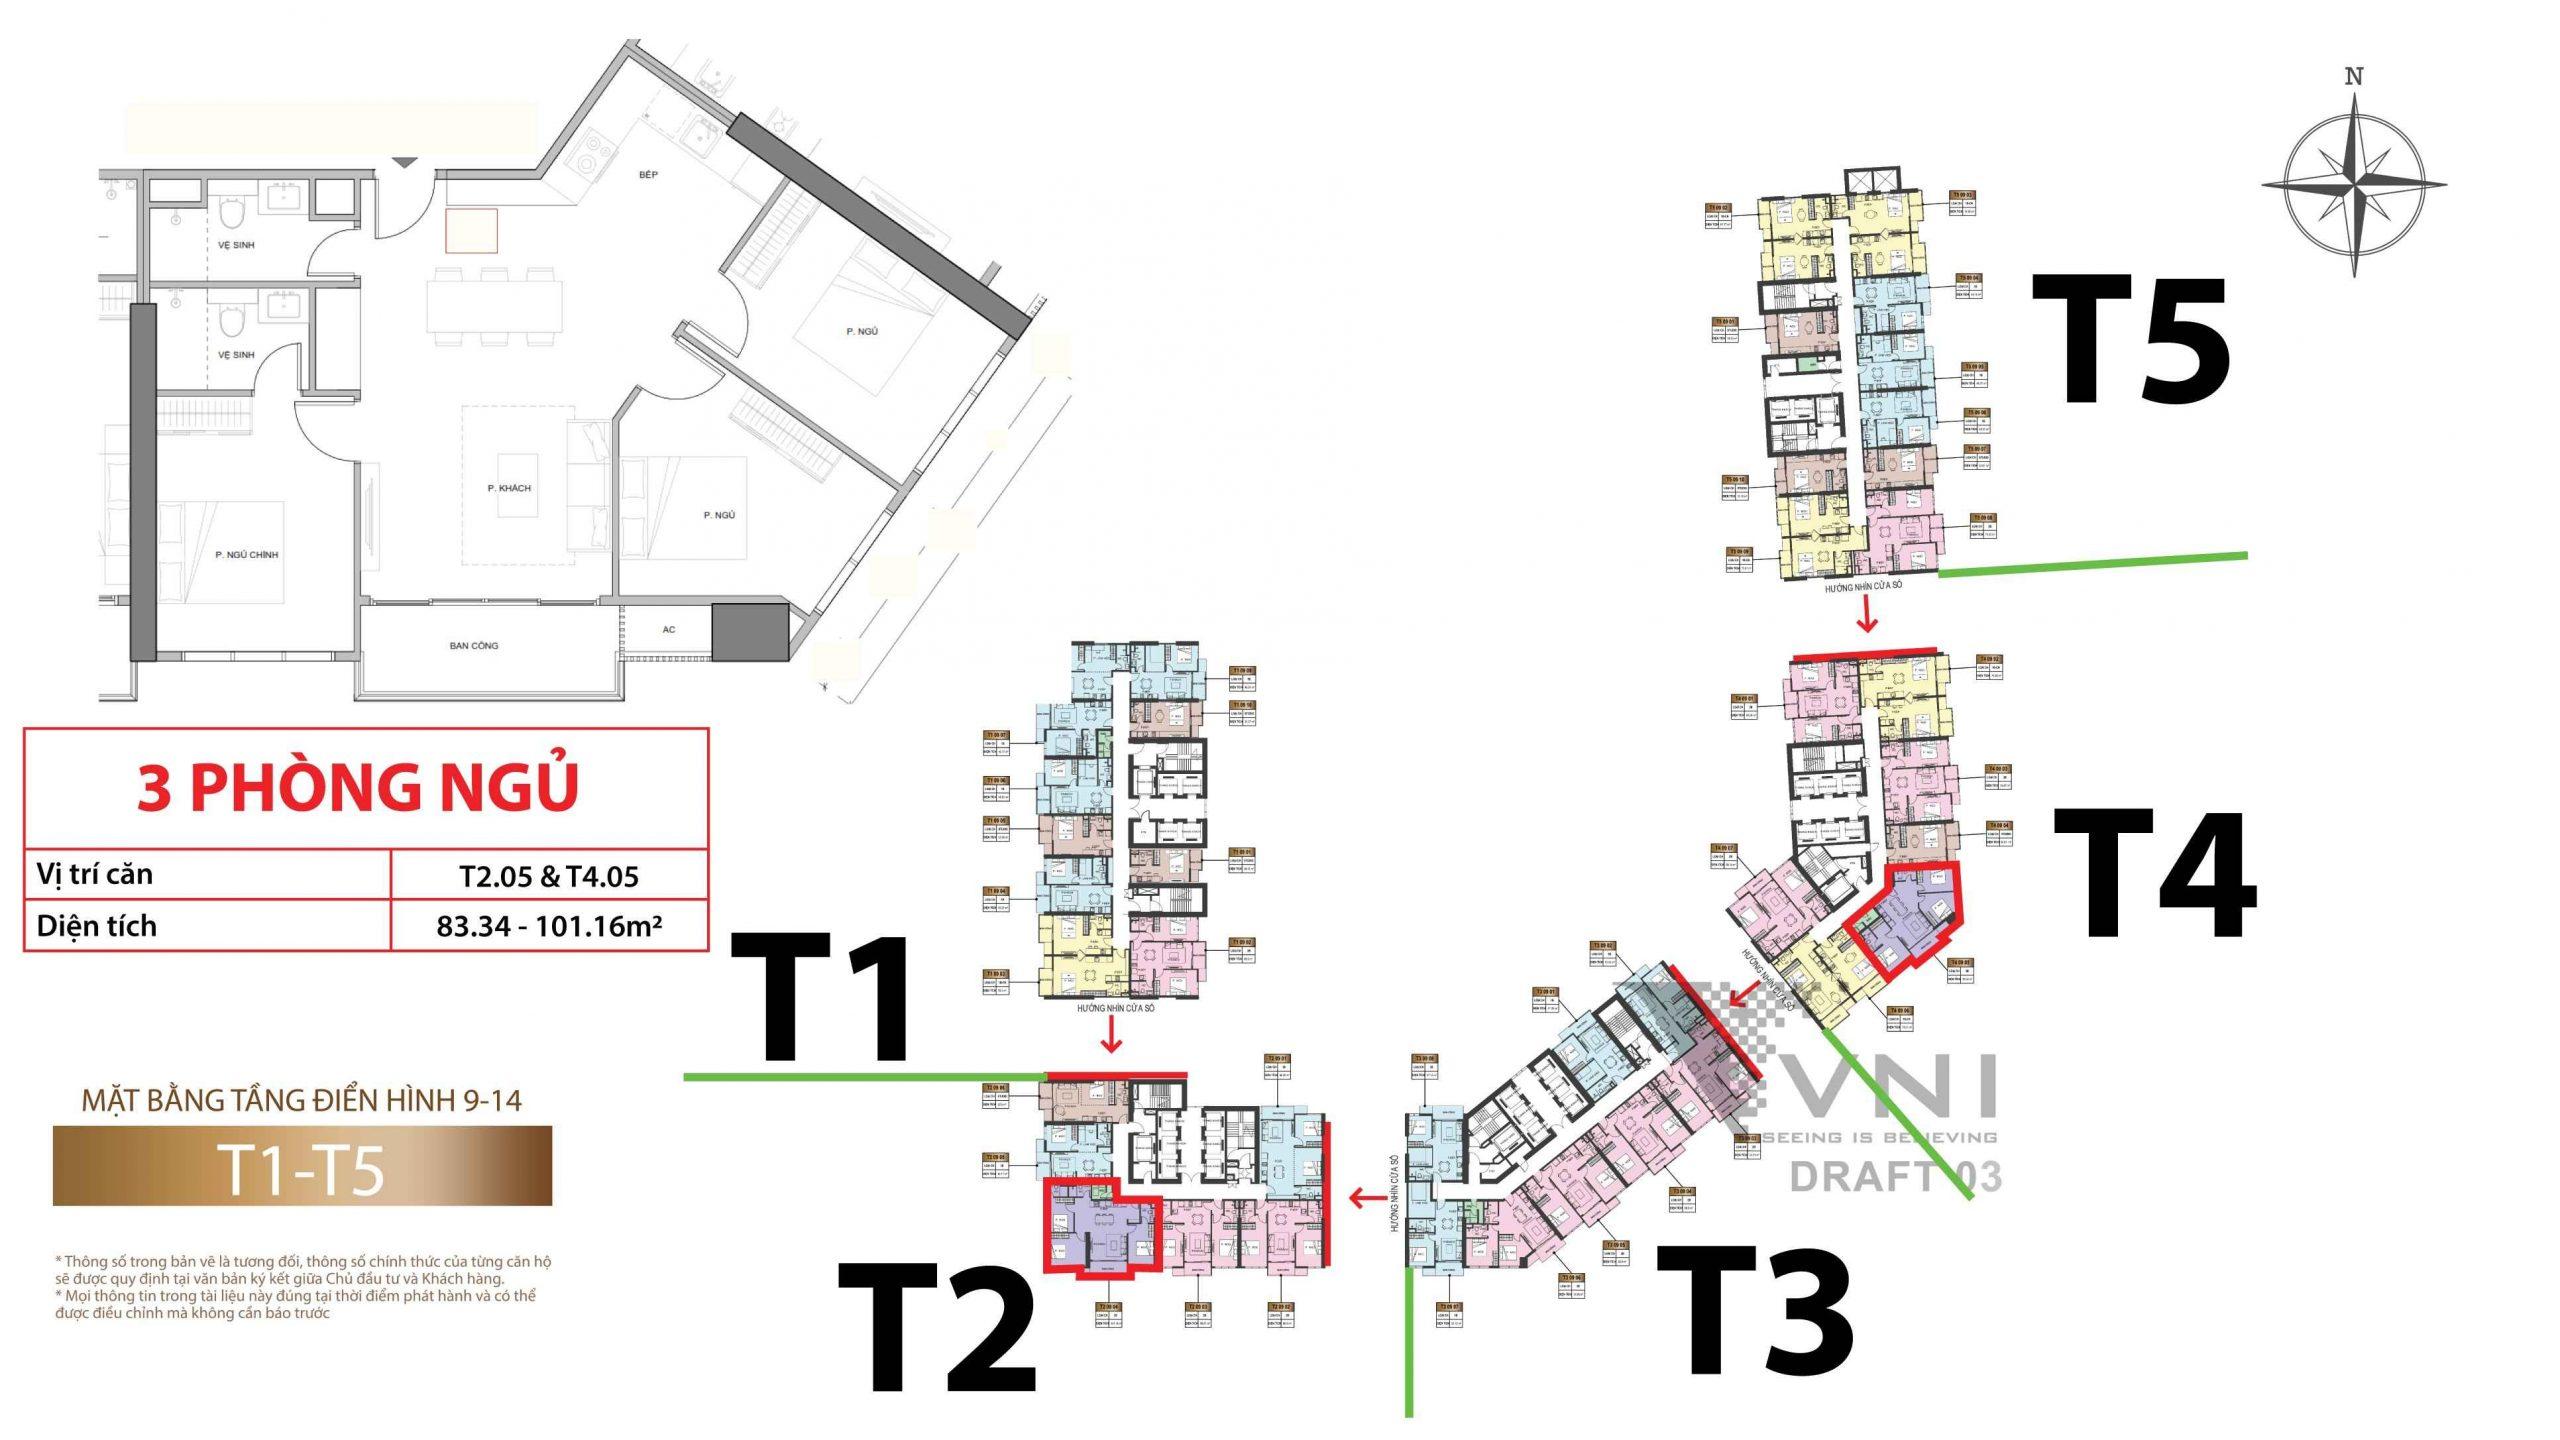 Mặt bằng và vị trí các căn hộ 3 phòng ngủ tầng 9-14